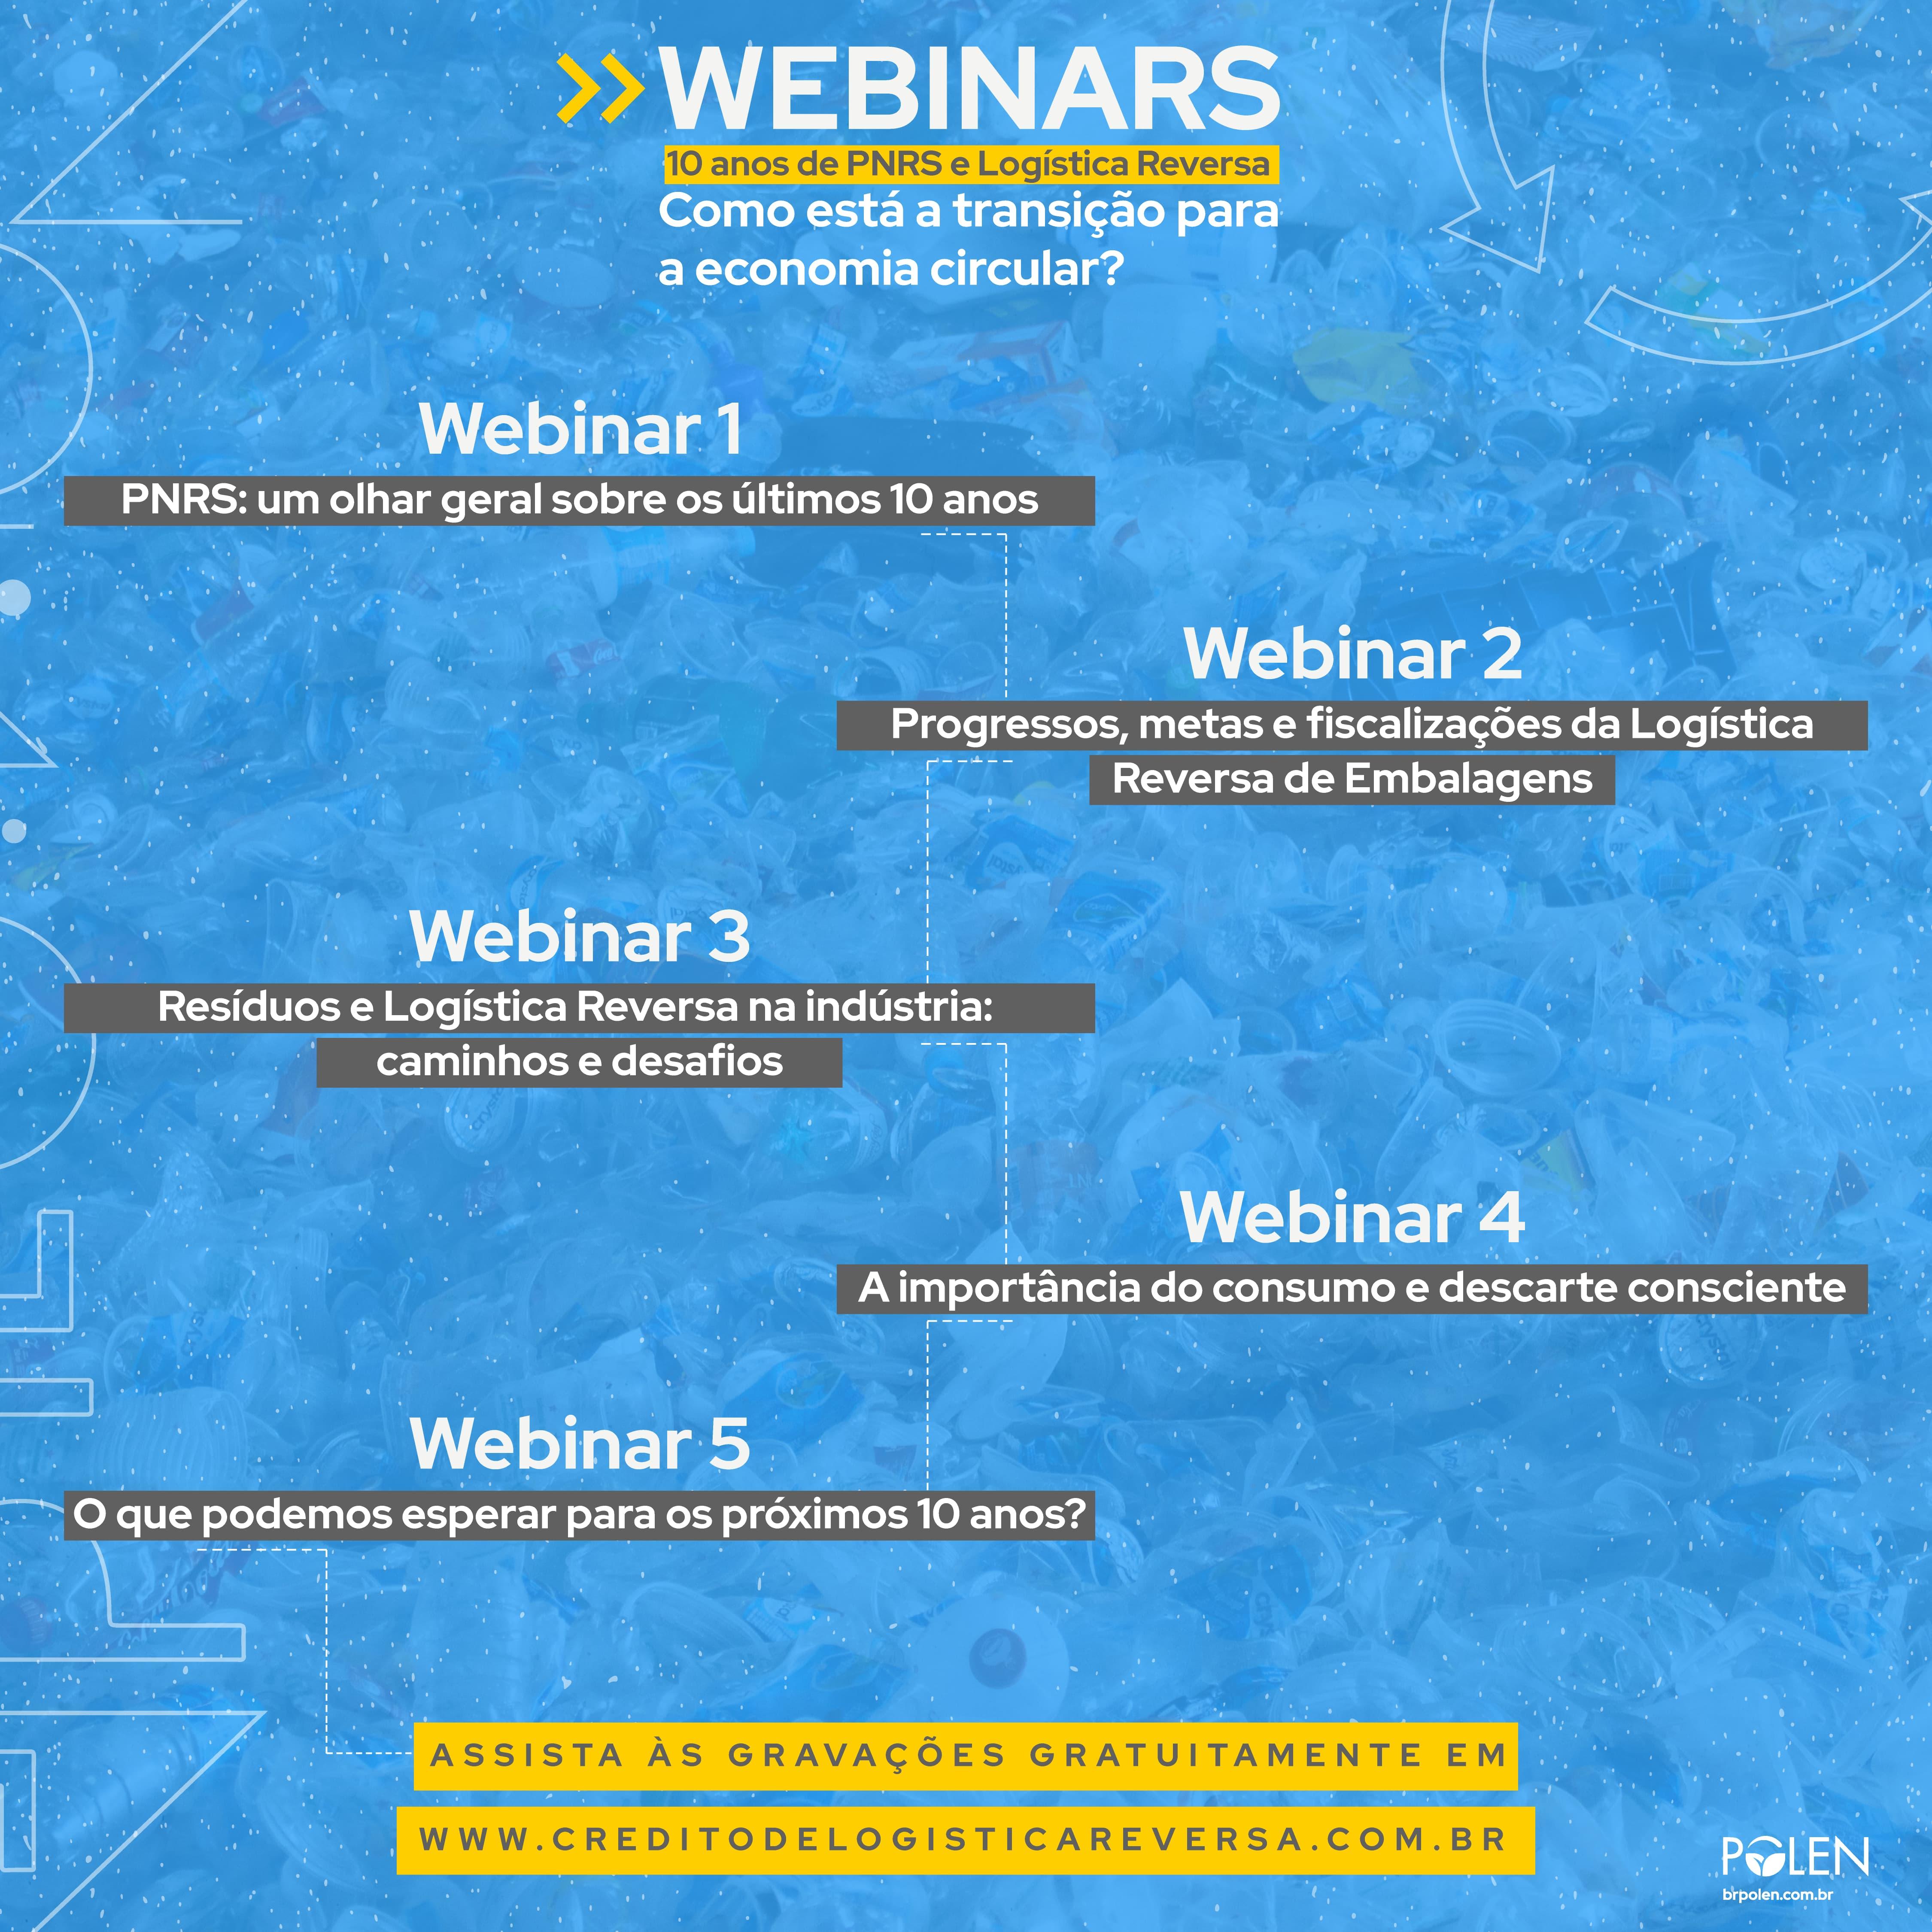 """Programação webinars """"10 anos de PNRS e Logística Reversa: como está a transição para a Economia Circular?"""""""